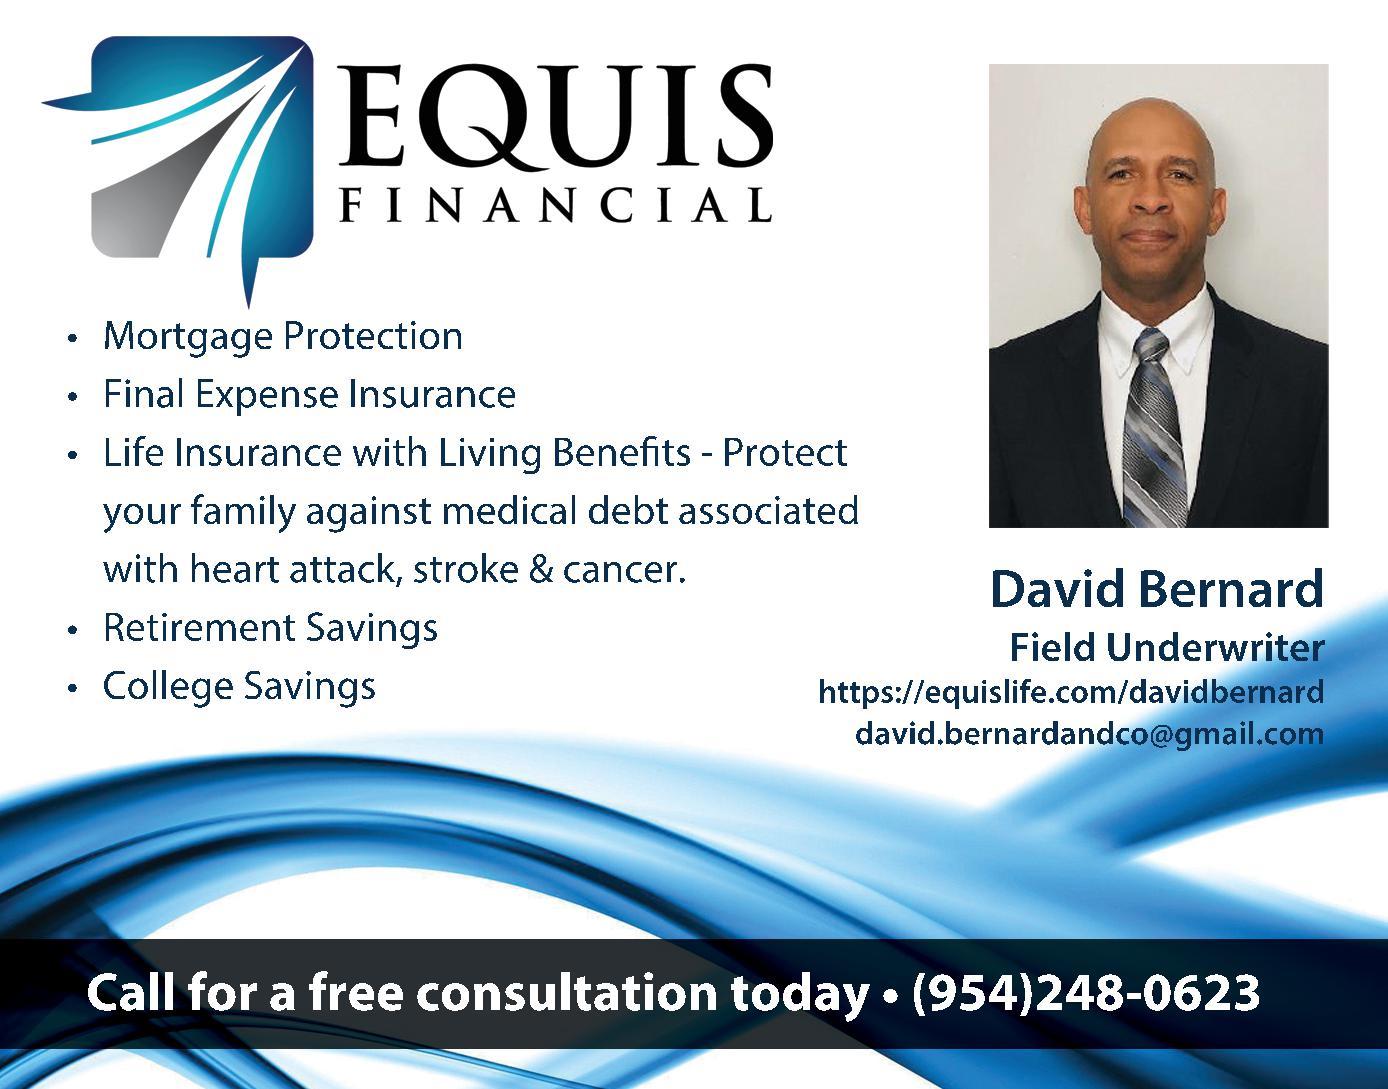 Equis Financial - Bernard & Co Agency